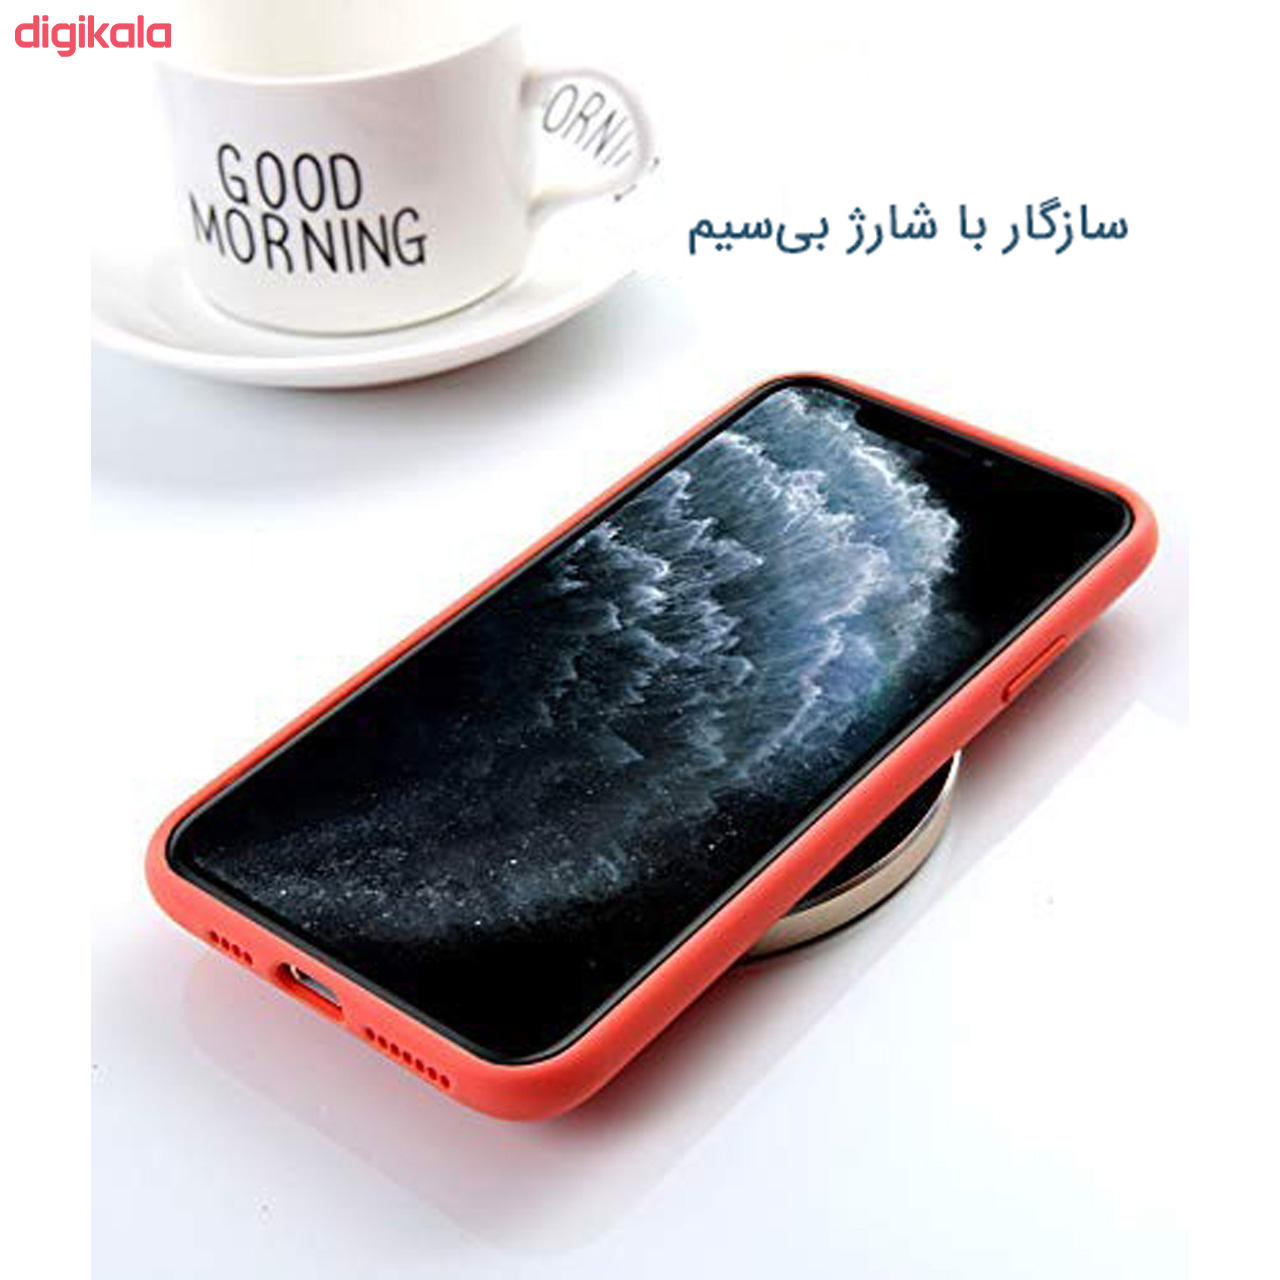 کاور وی کیس مدل Si01 مناسب برای گوشی موبایل اپل iPhone X/XS main 1 7